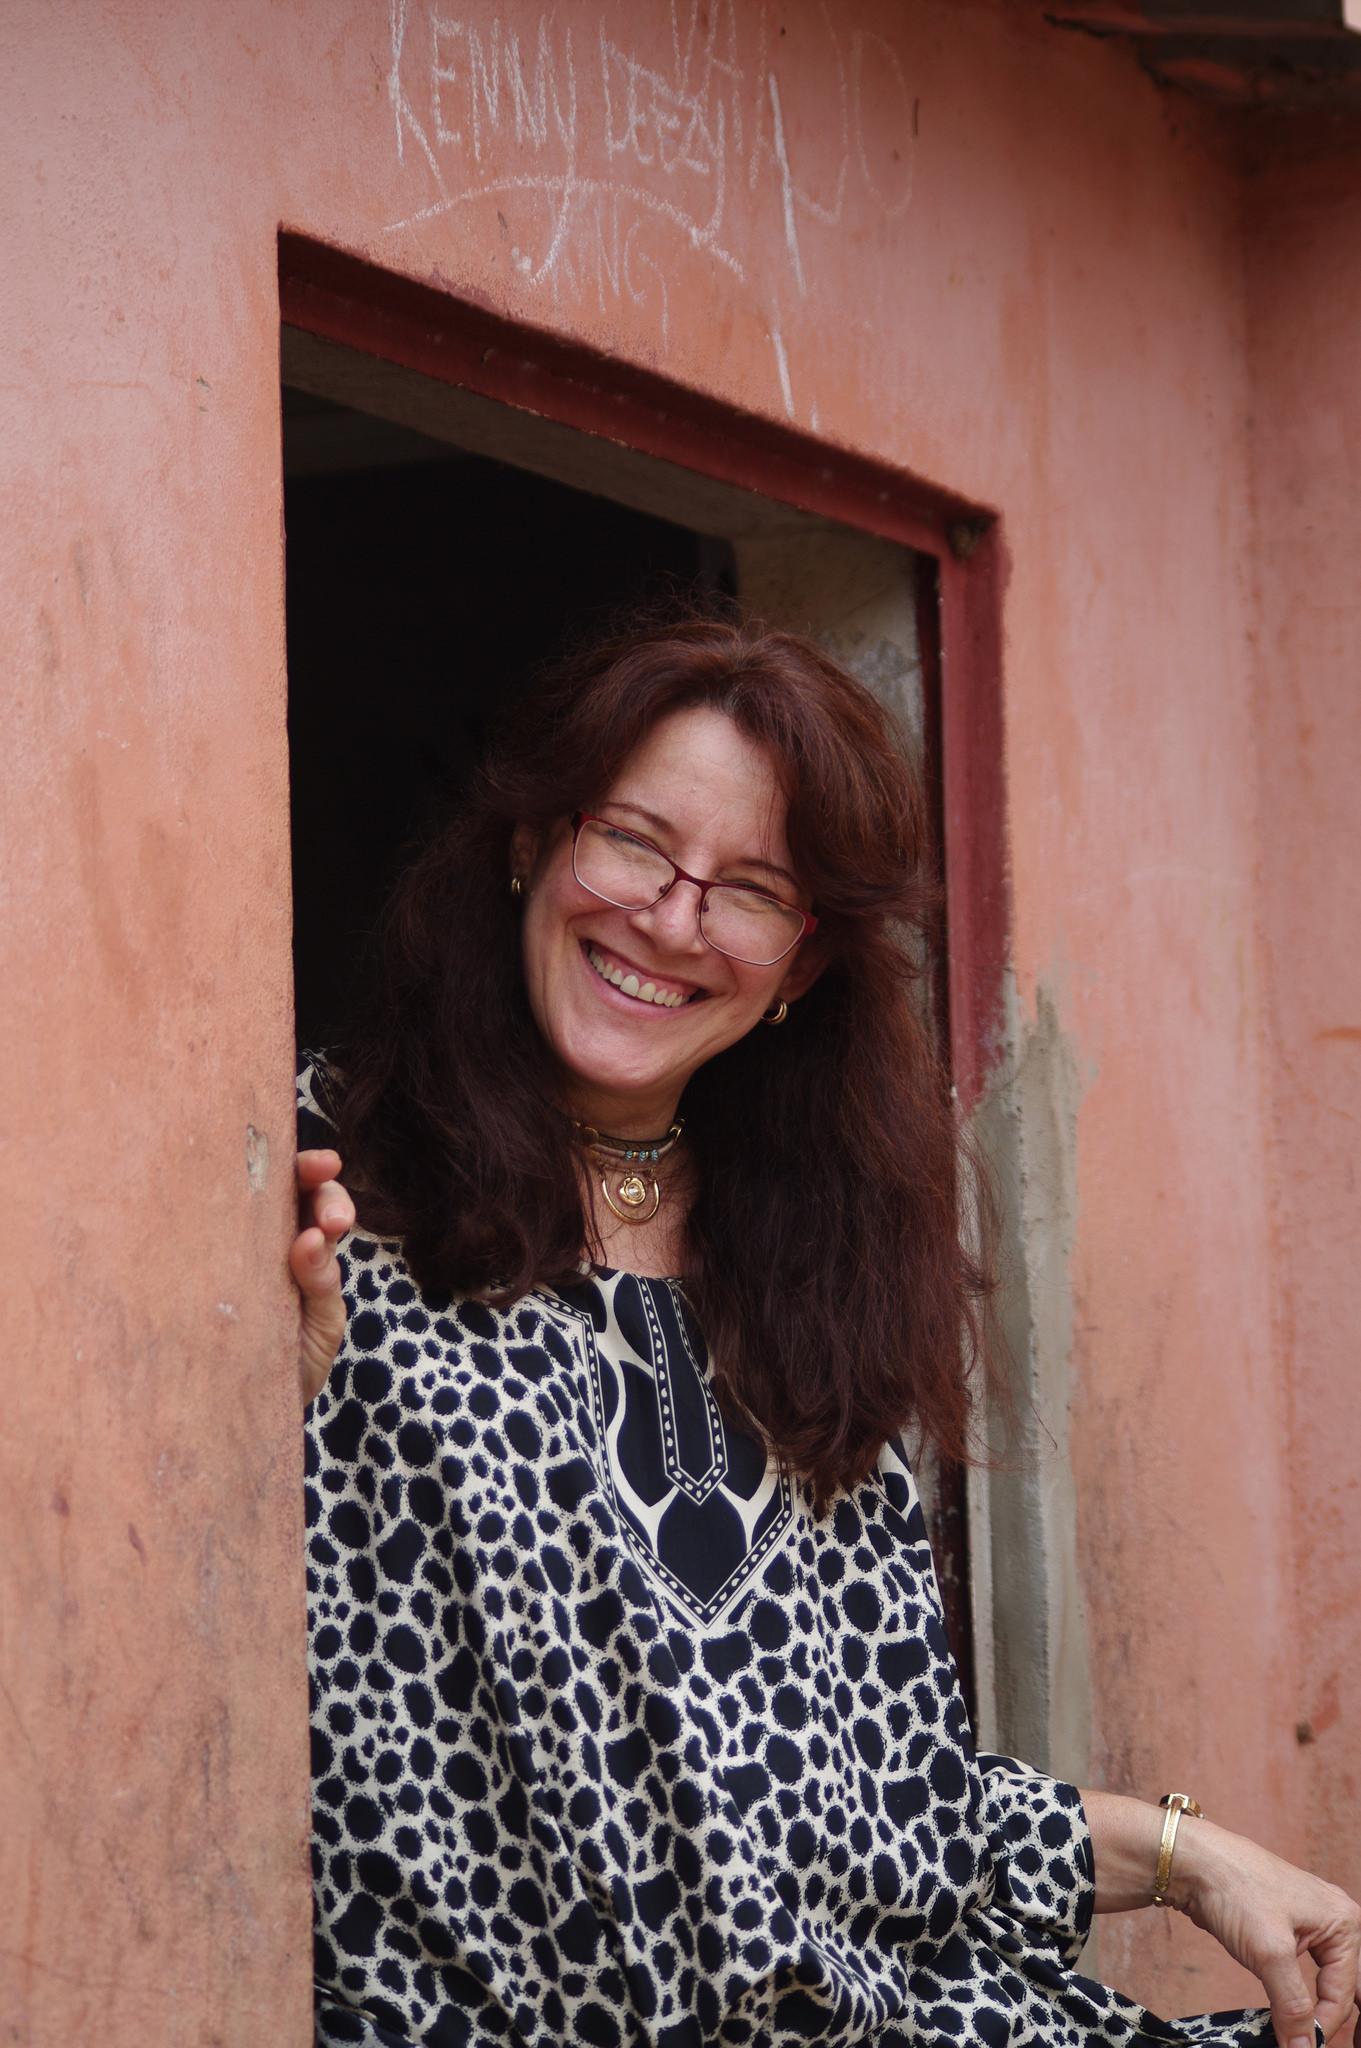 Mujer sonriente se para en una puerta. Foto cortesía de Gustavo Vazquez.